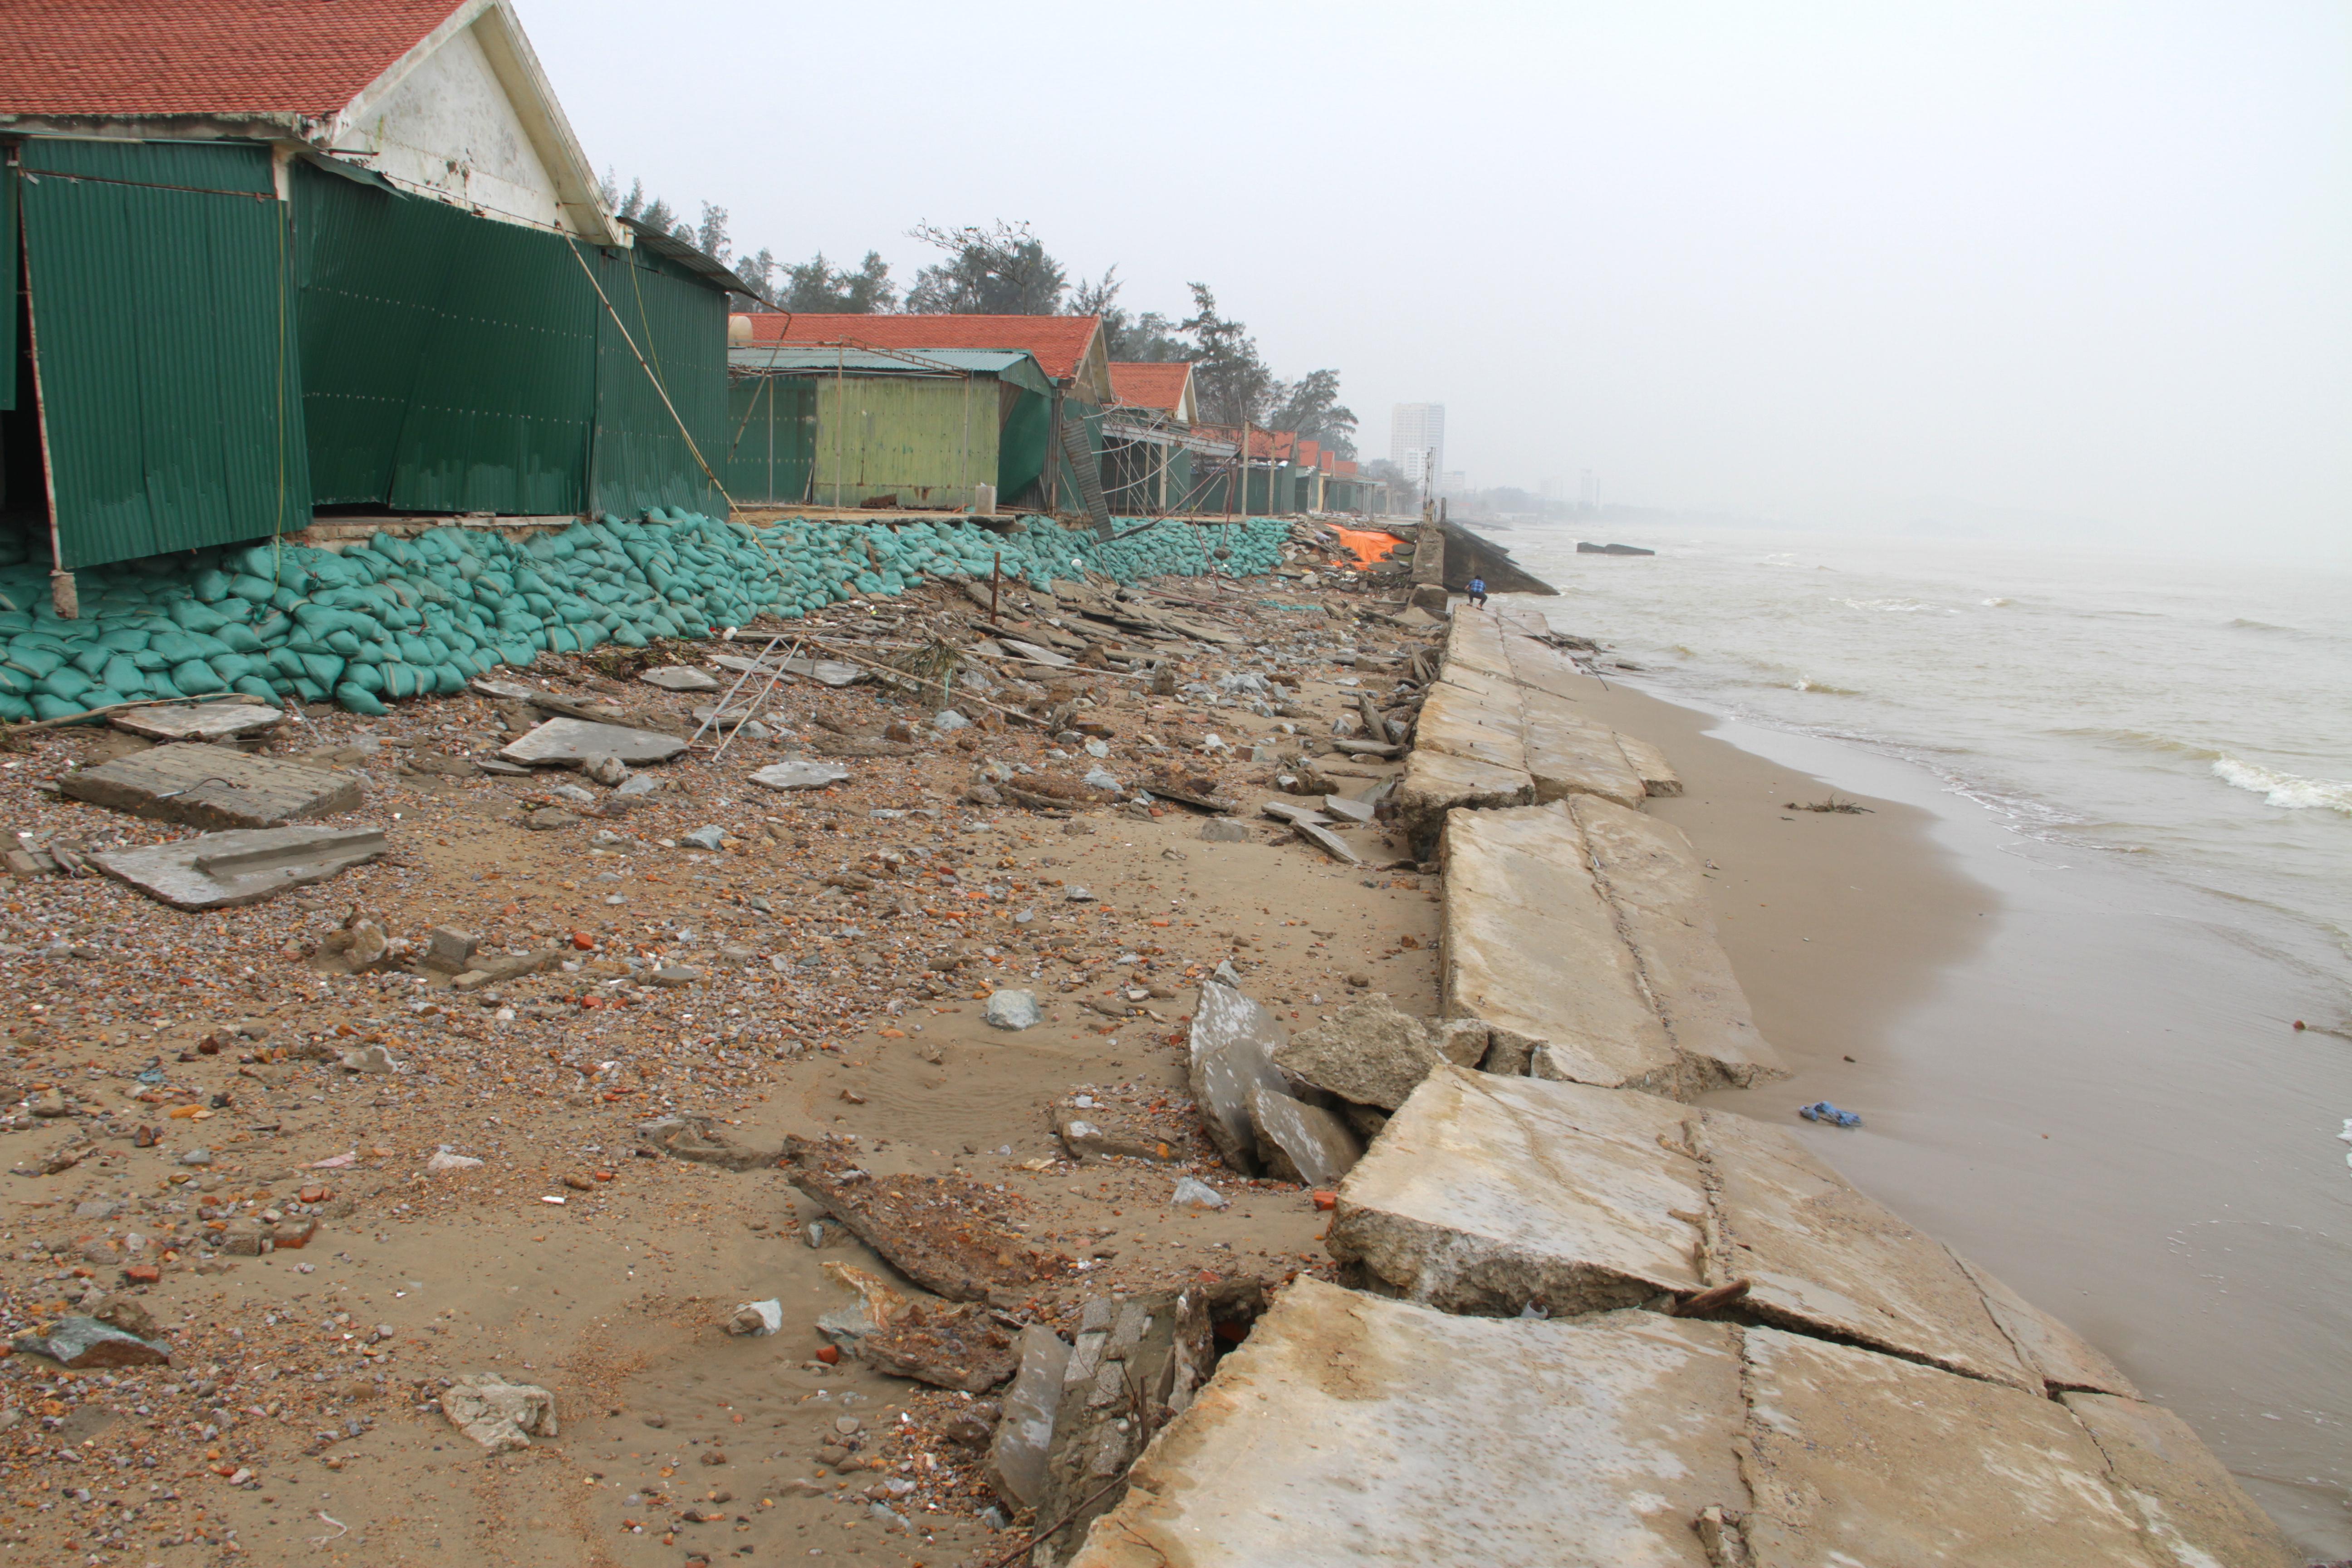 Cận cảnh gần 4km tuyến kè, đê biển Cửa Lò tan hoang sau bão lũ, hàng quán điêu đứng - Ảnh 15.